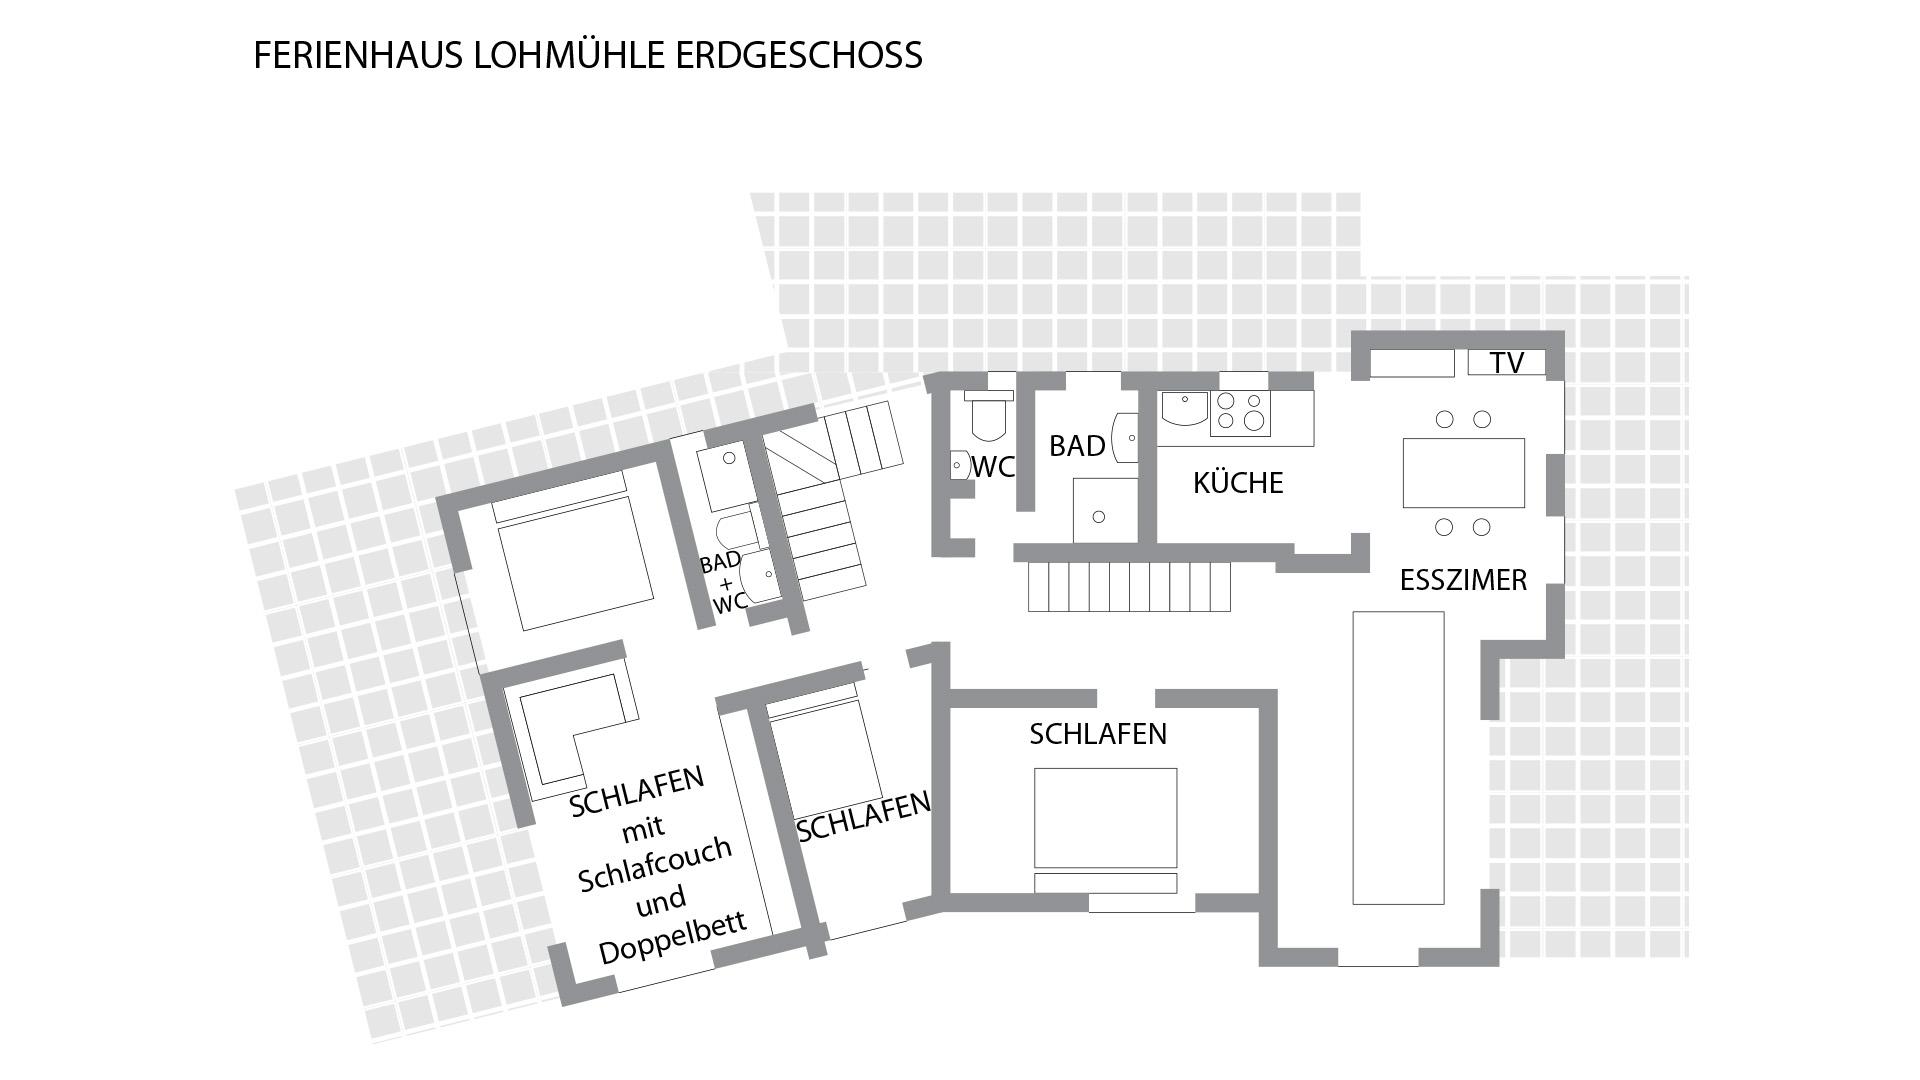 Grundriss für das Erdgeschoss im Schwarzwald-Haus Lohmühle